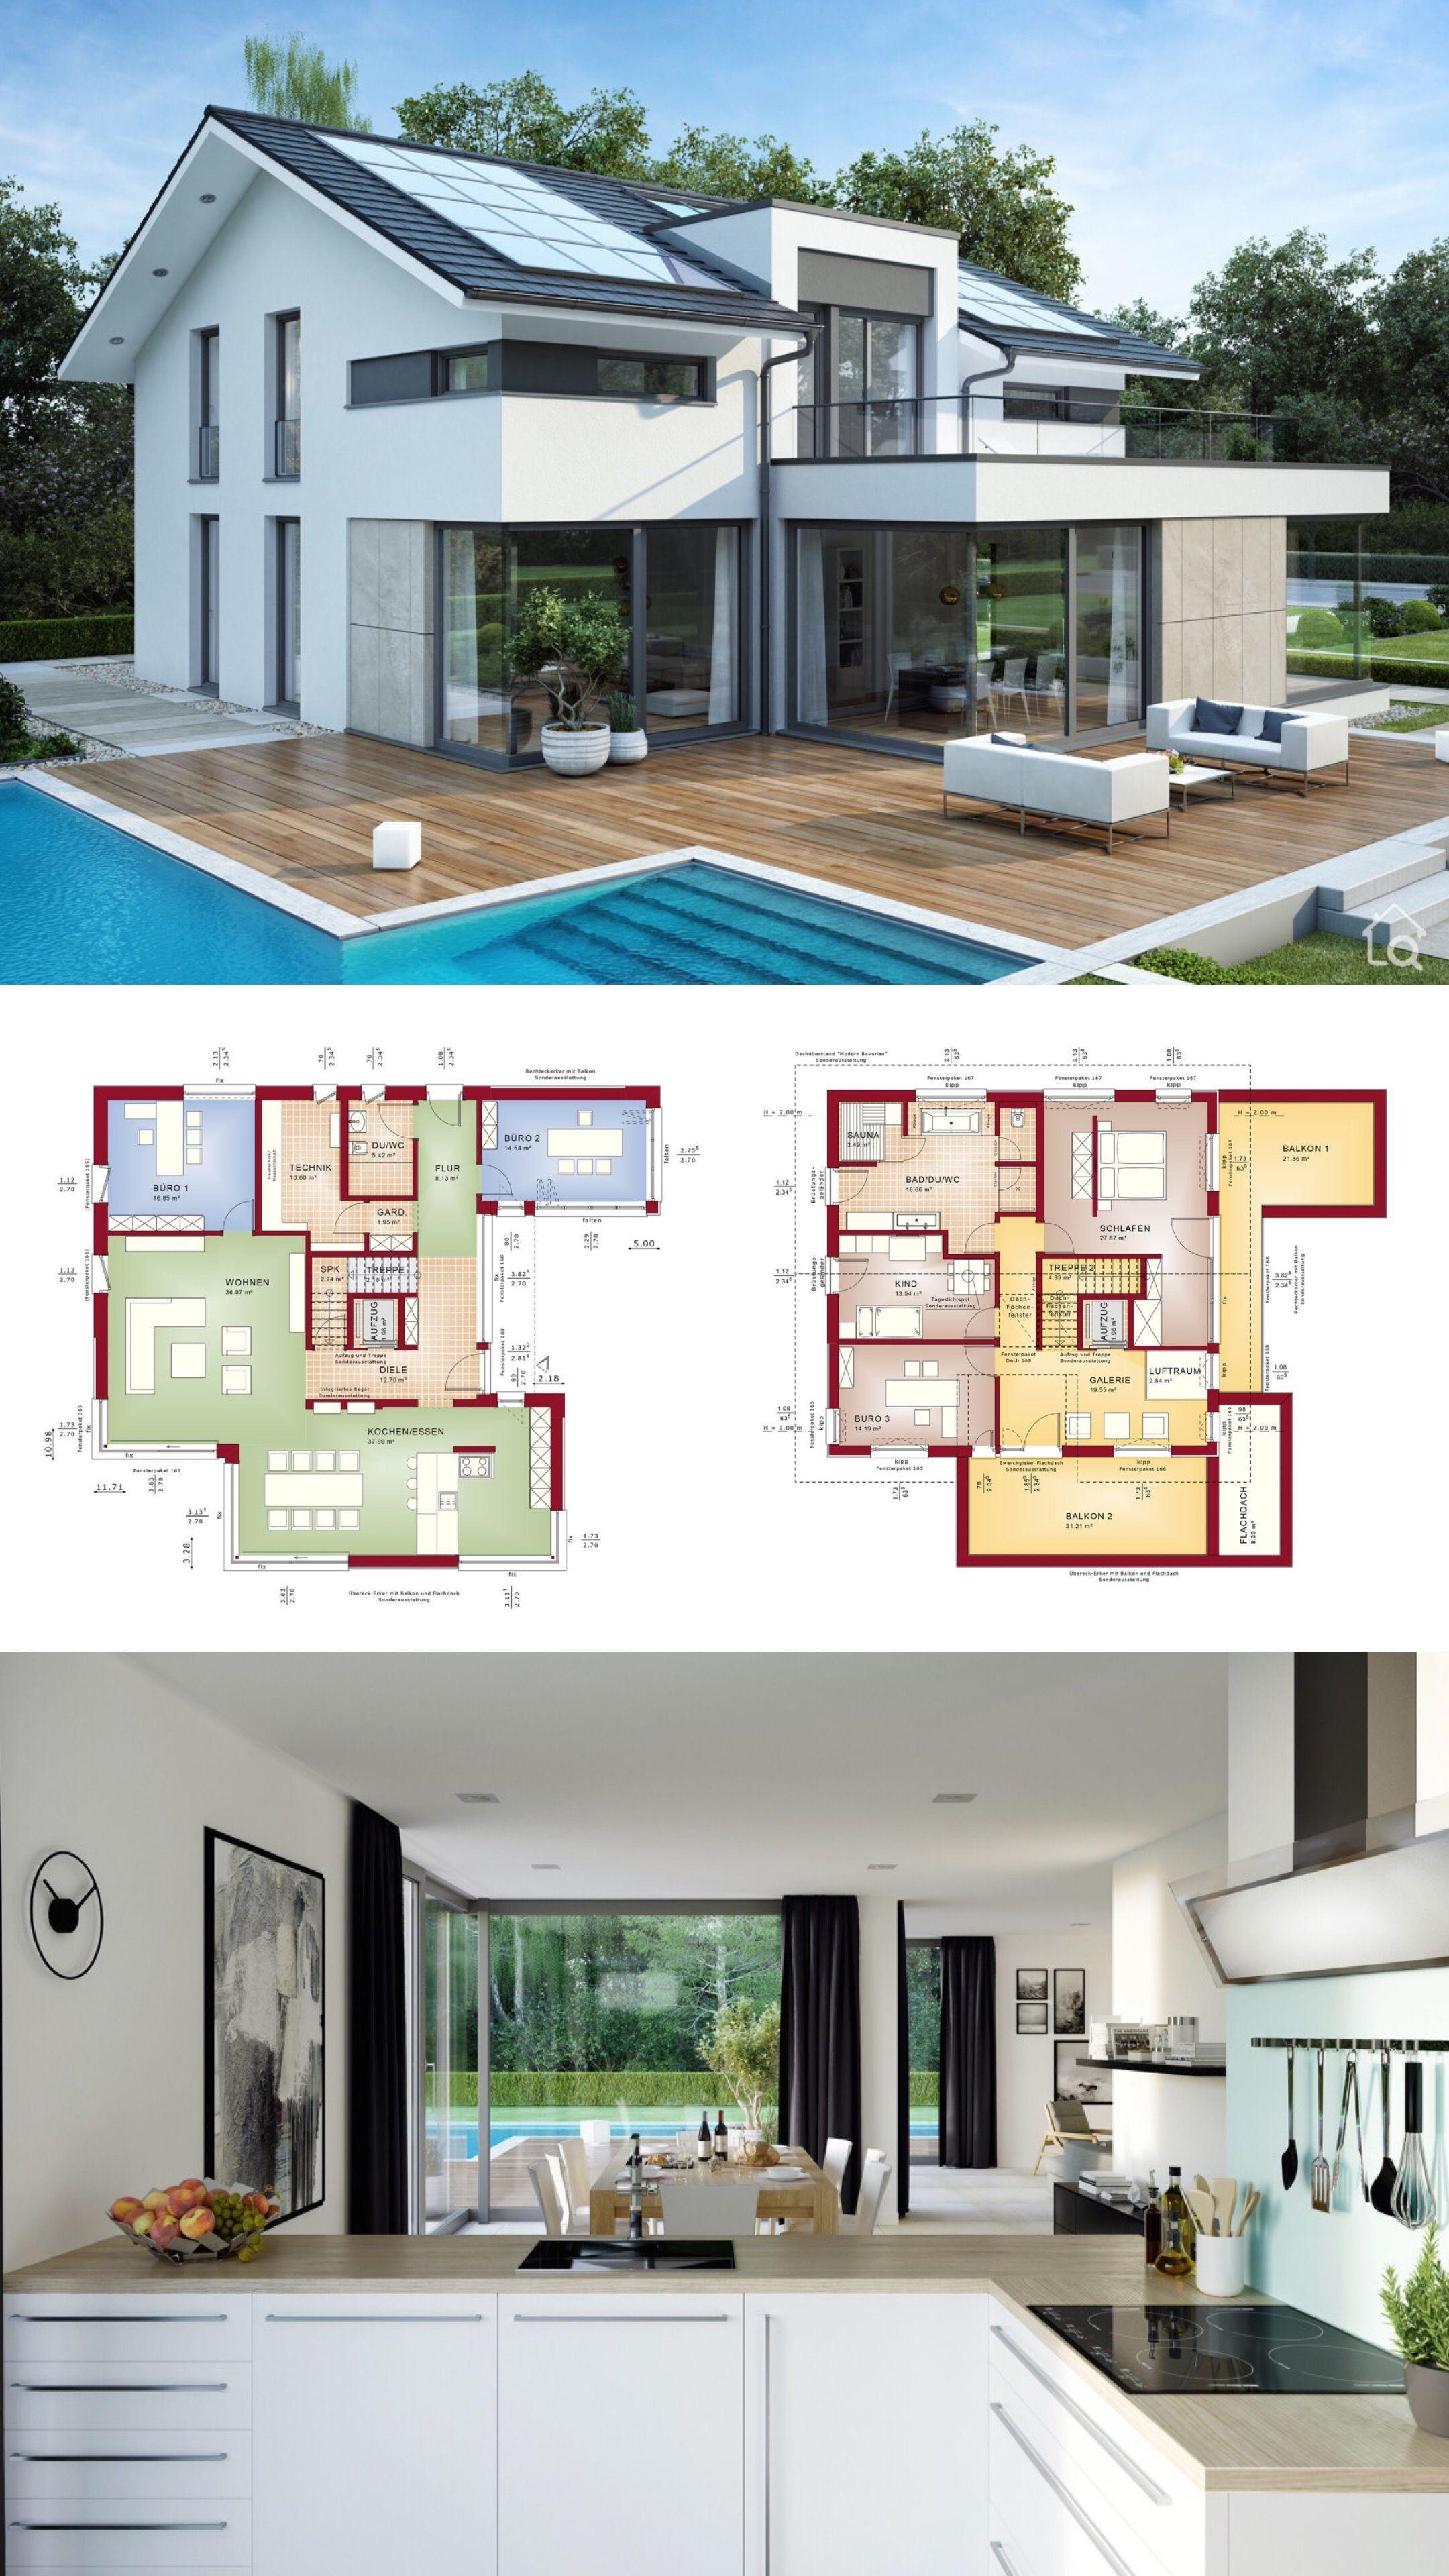 Bienzenker Conceptm Design Haus Hausbaudirekt Mannheim